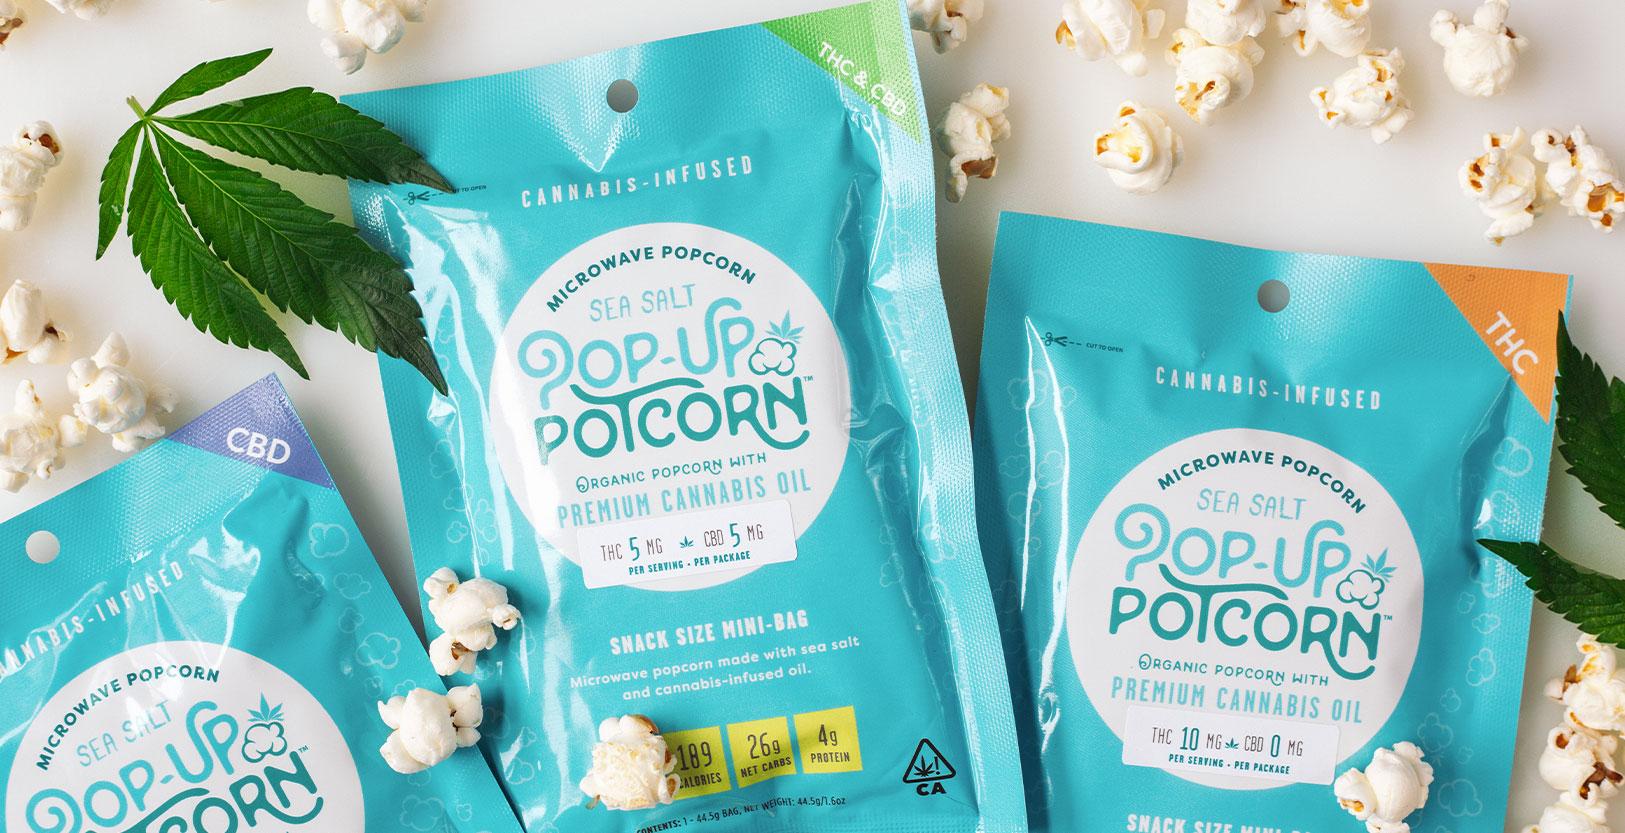 Pop-Up Potcorn